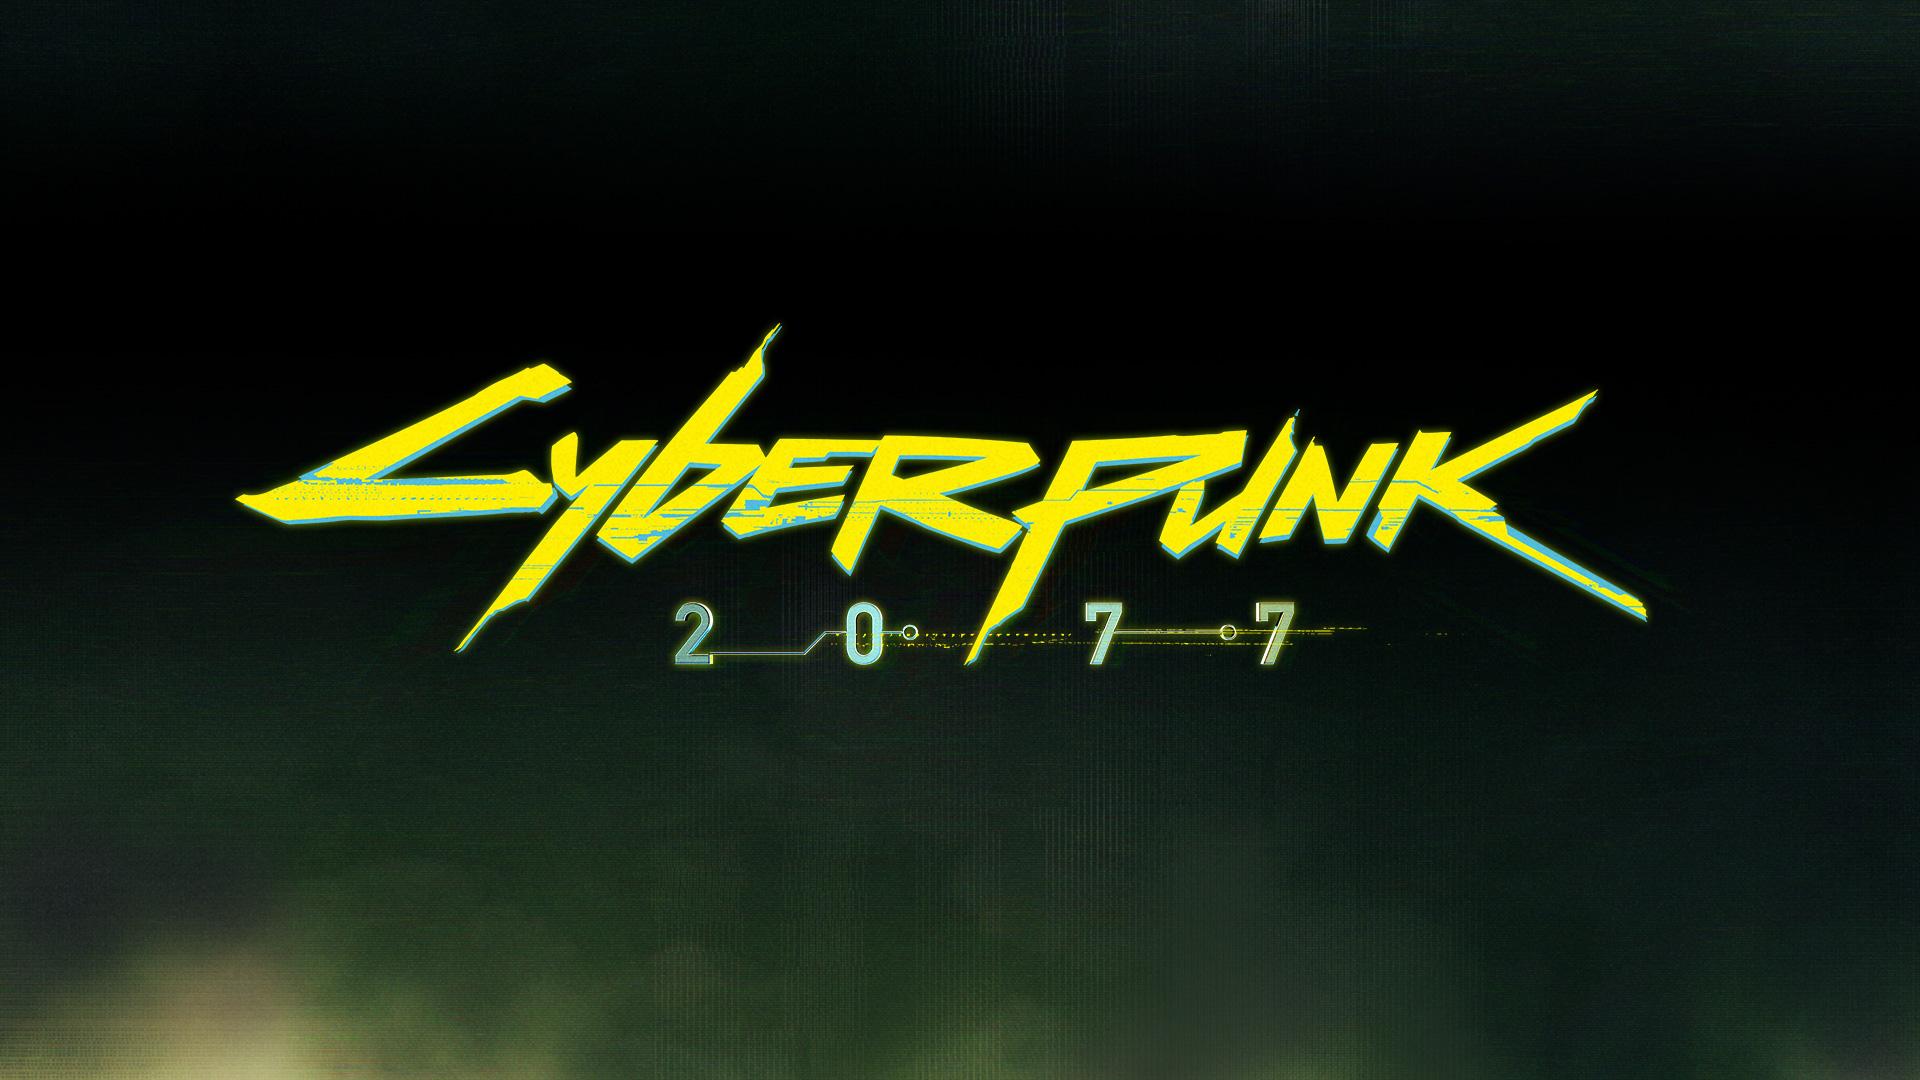 〔4K中字〕CyberPunk赛博朋克2077预告宣传片